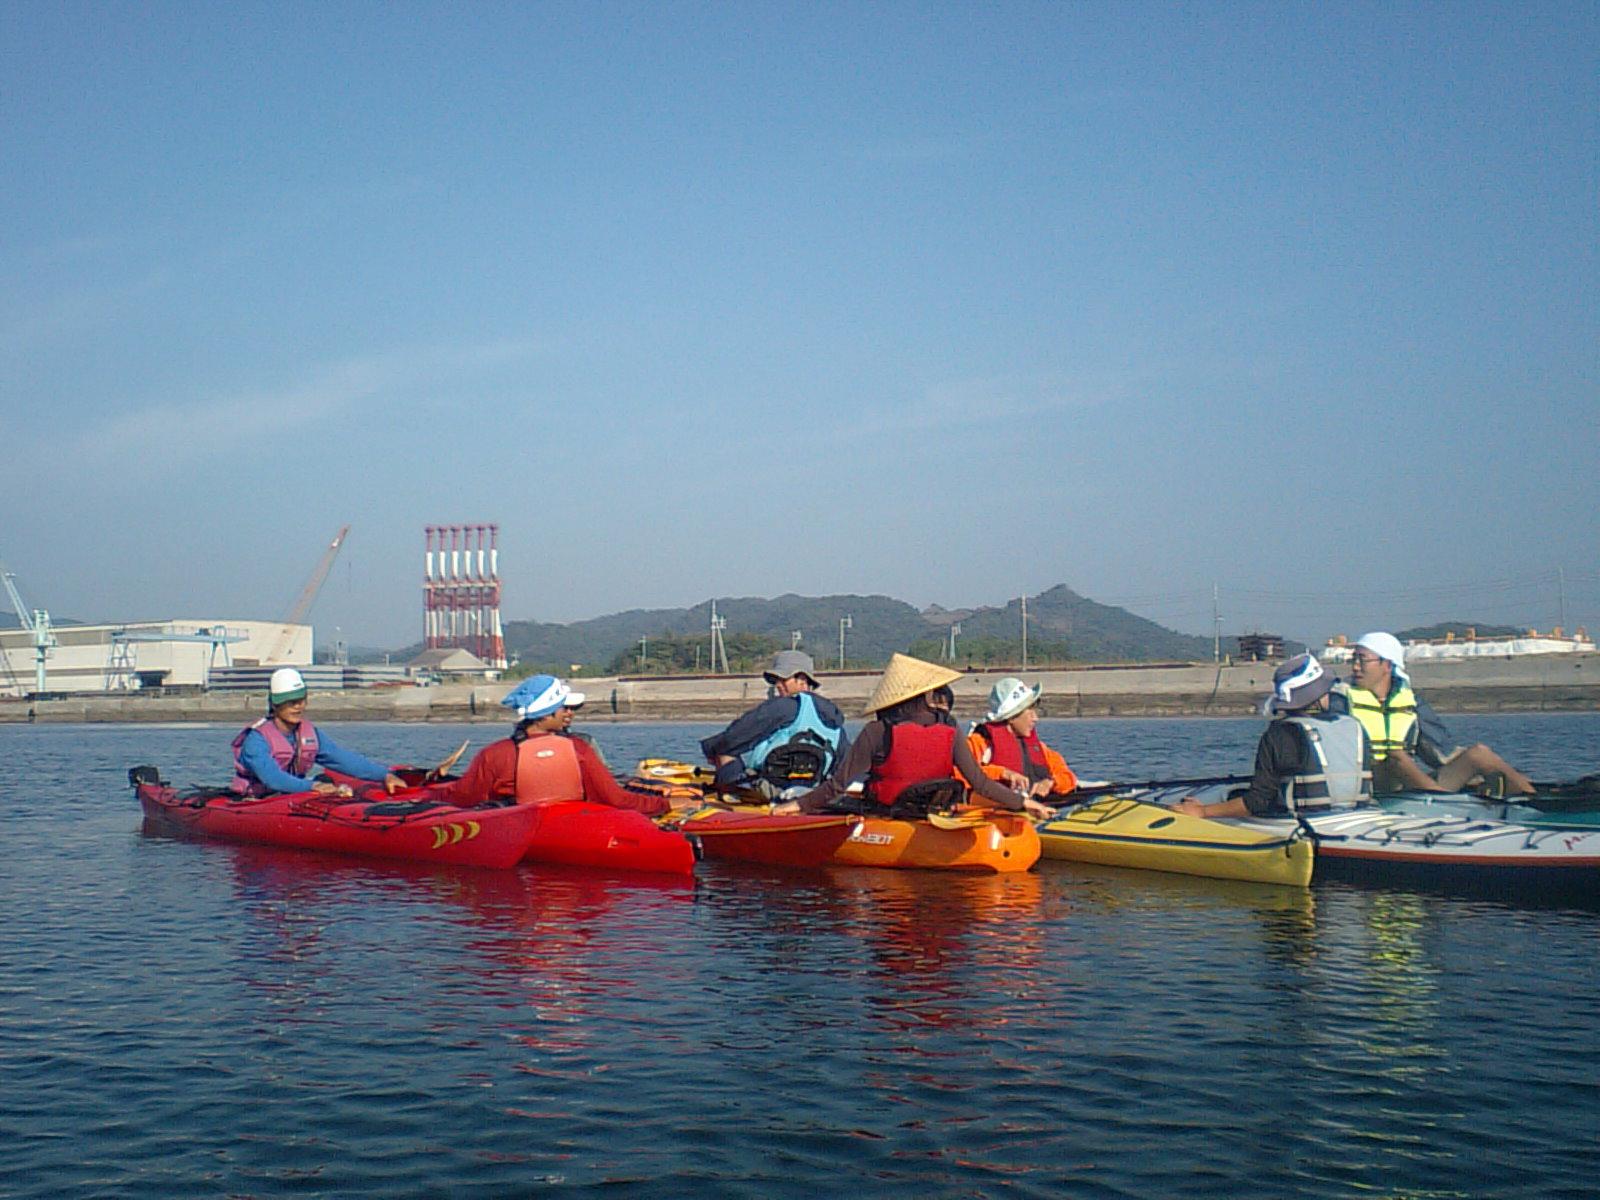 【現場レポート】9月24日の田名埠頭 原康司・虹のカヤック隊